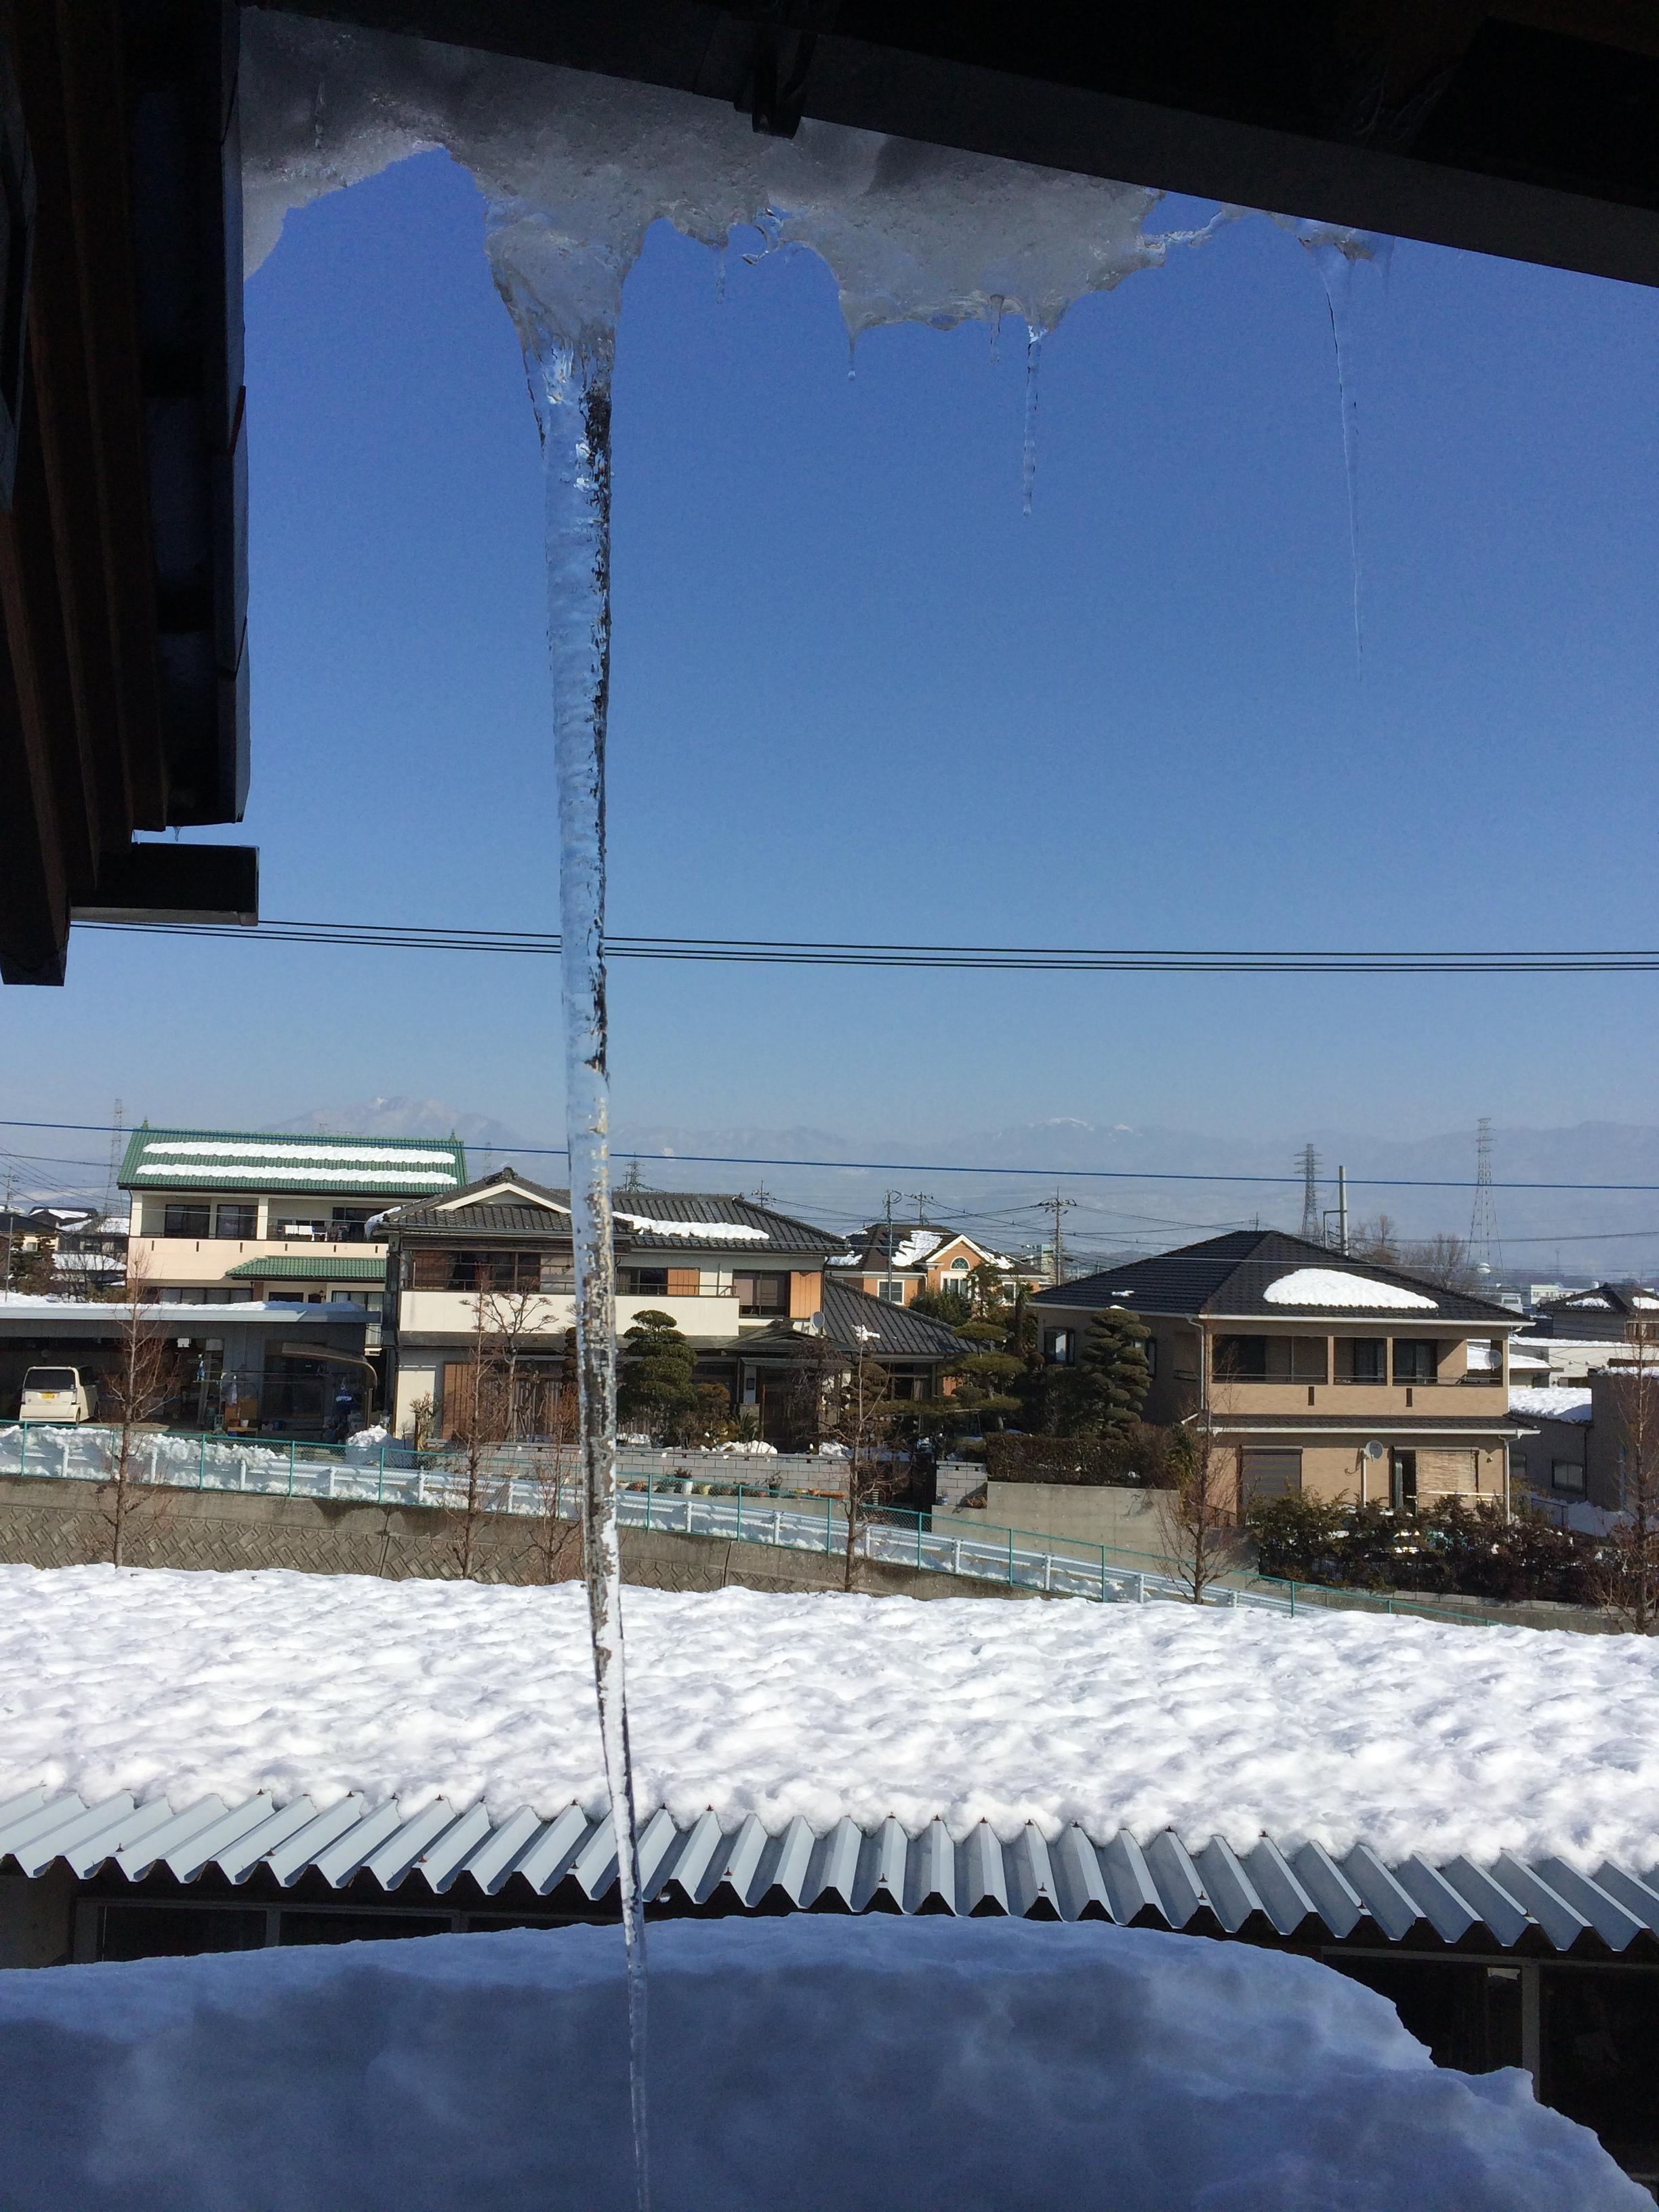 大雪が降った山梨の平野部の屋根下ろしについてのまとめ